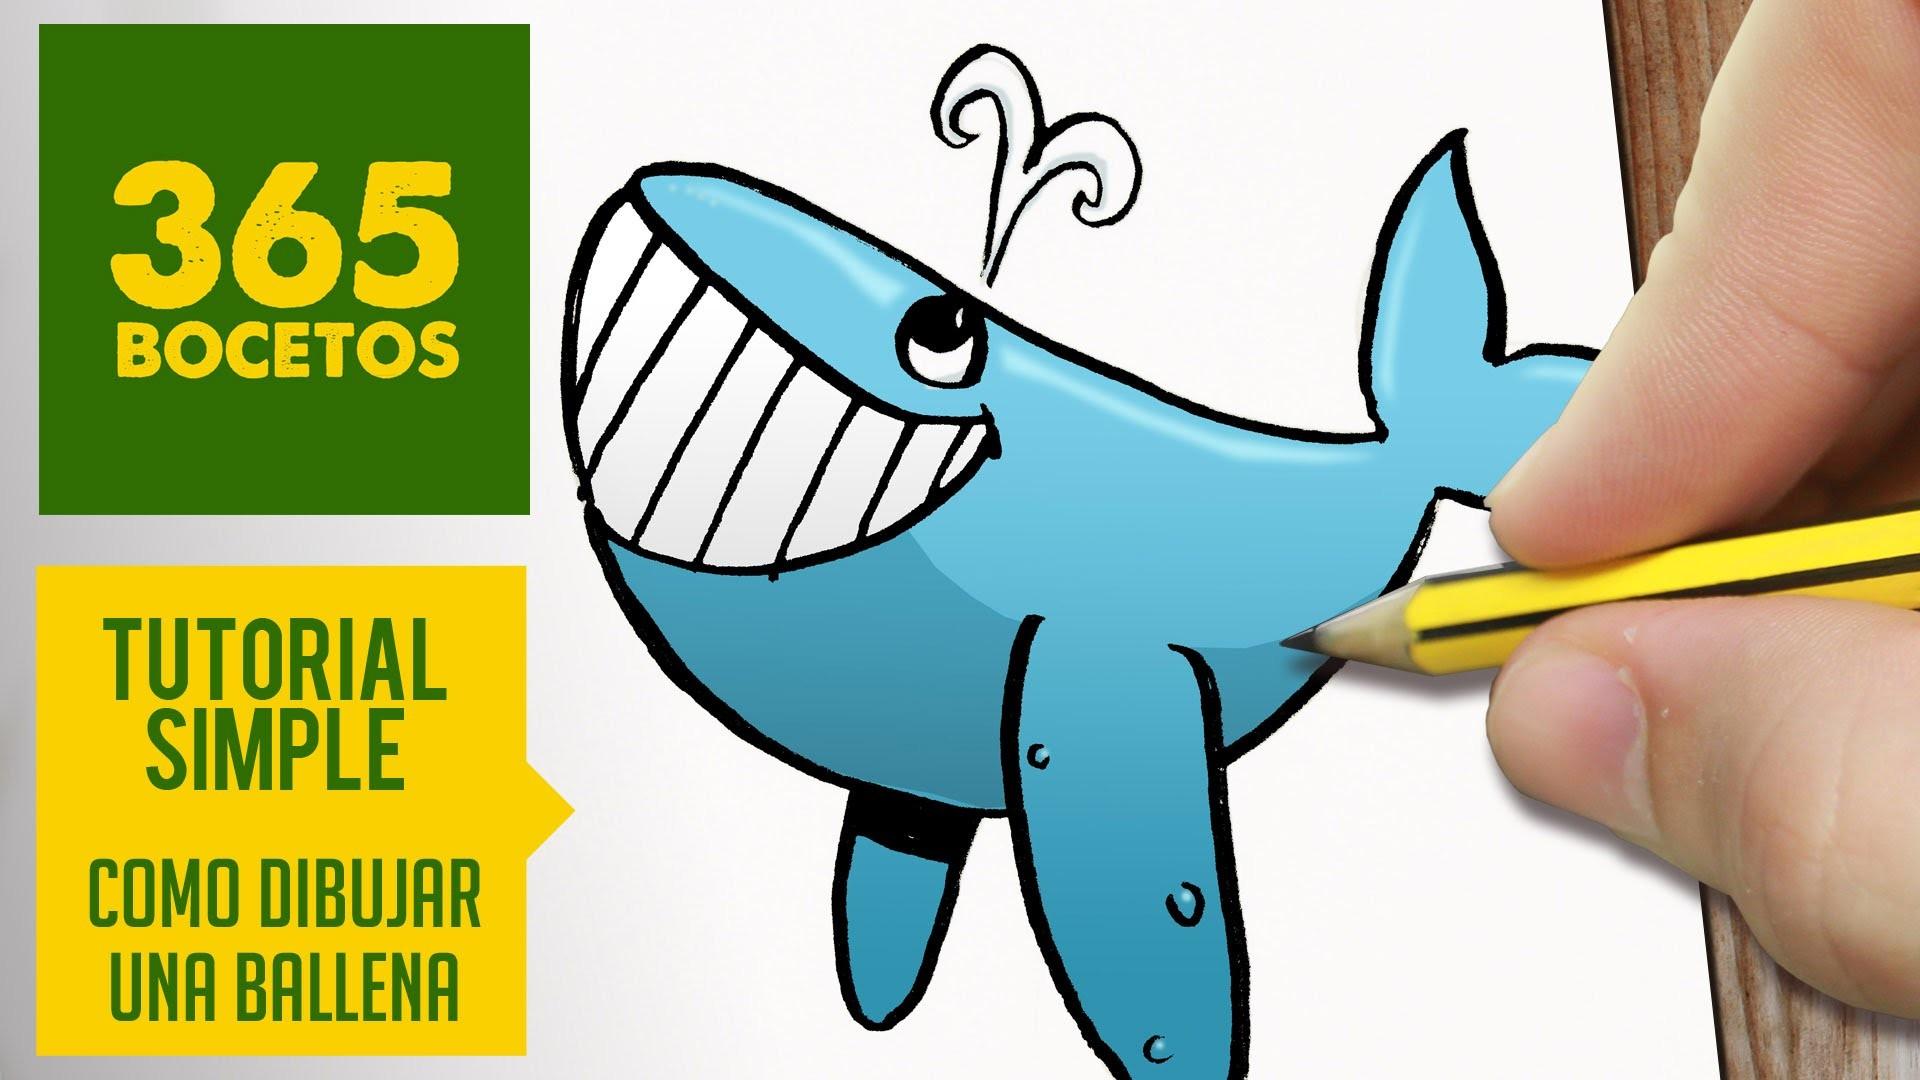 COMO DIBUJAR UNA BALLENA  FACIL PASO A PASO KAWAII: Aprender a dibujar para niños y mayores